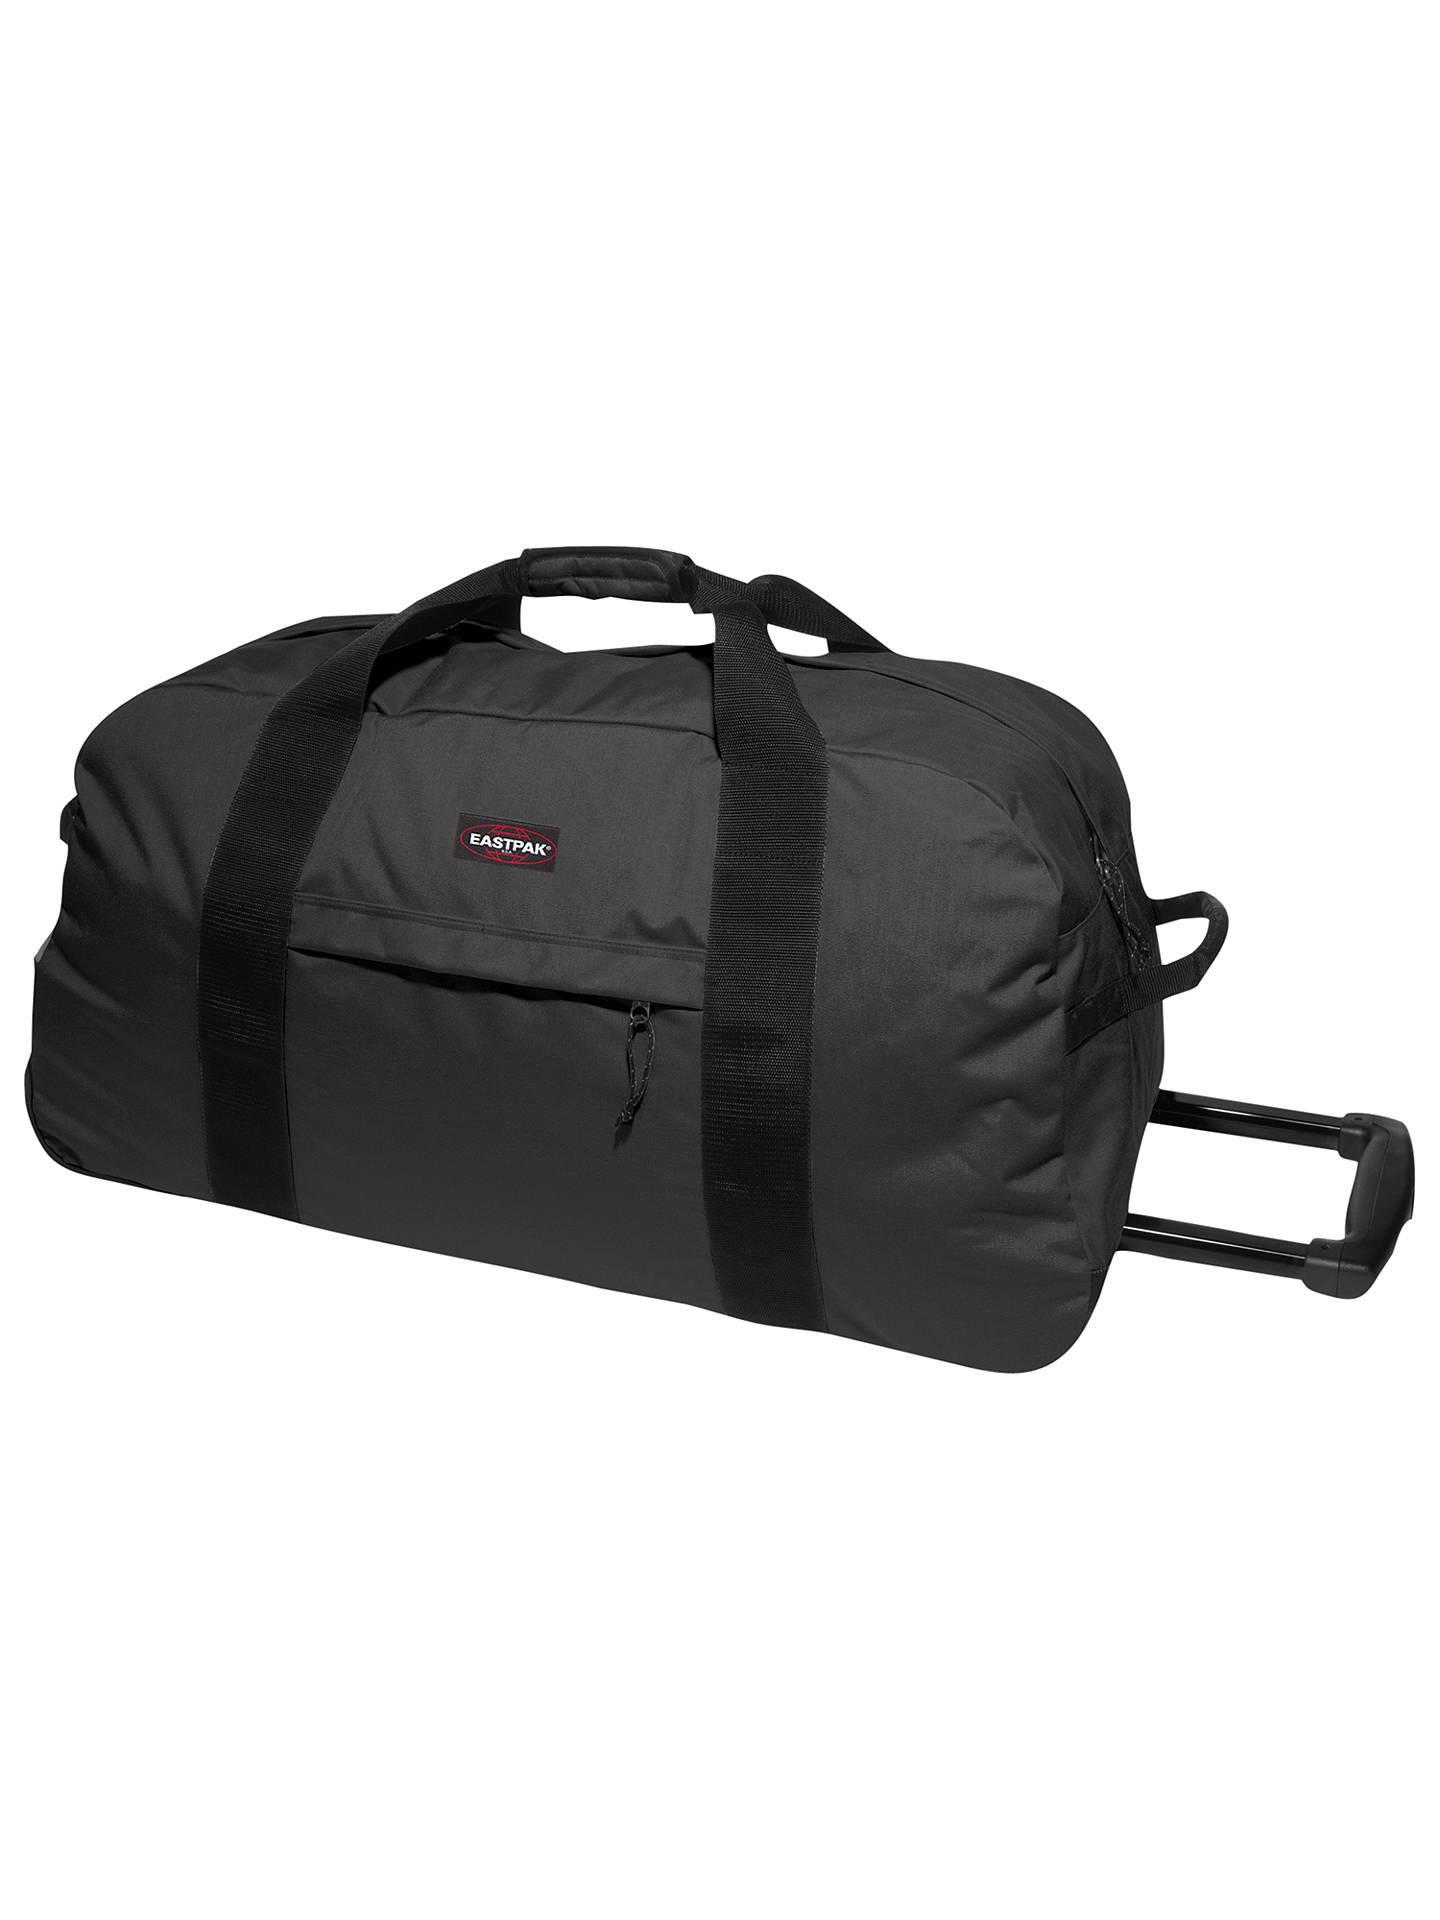 101d69e3fa Buy Eastpak Container 85 Wheeled Duffle Bag